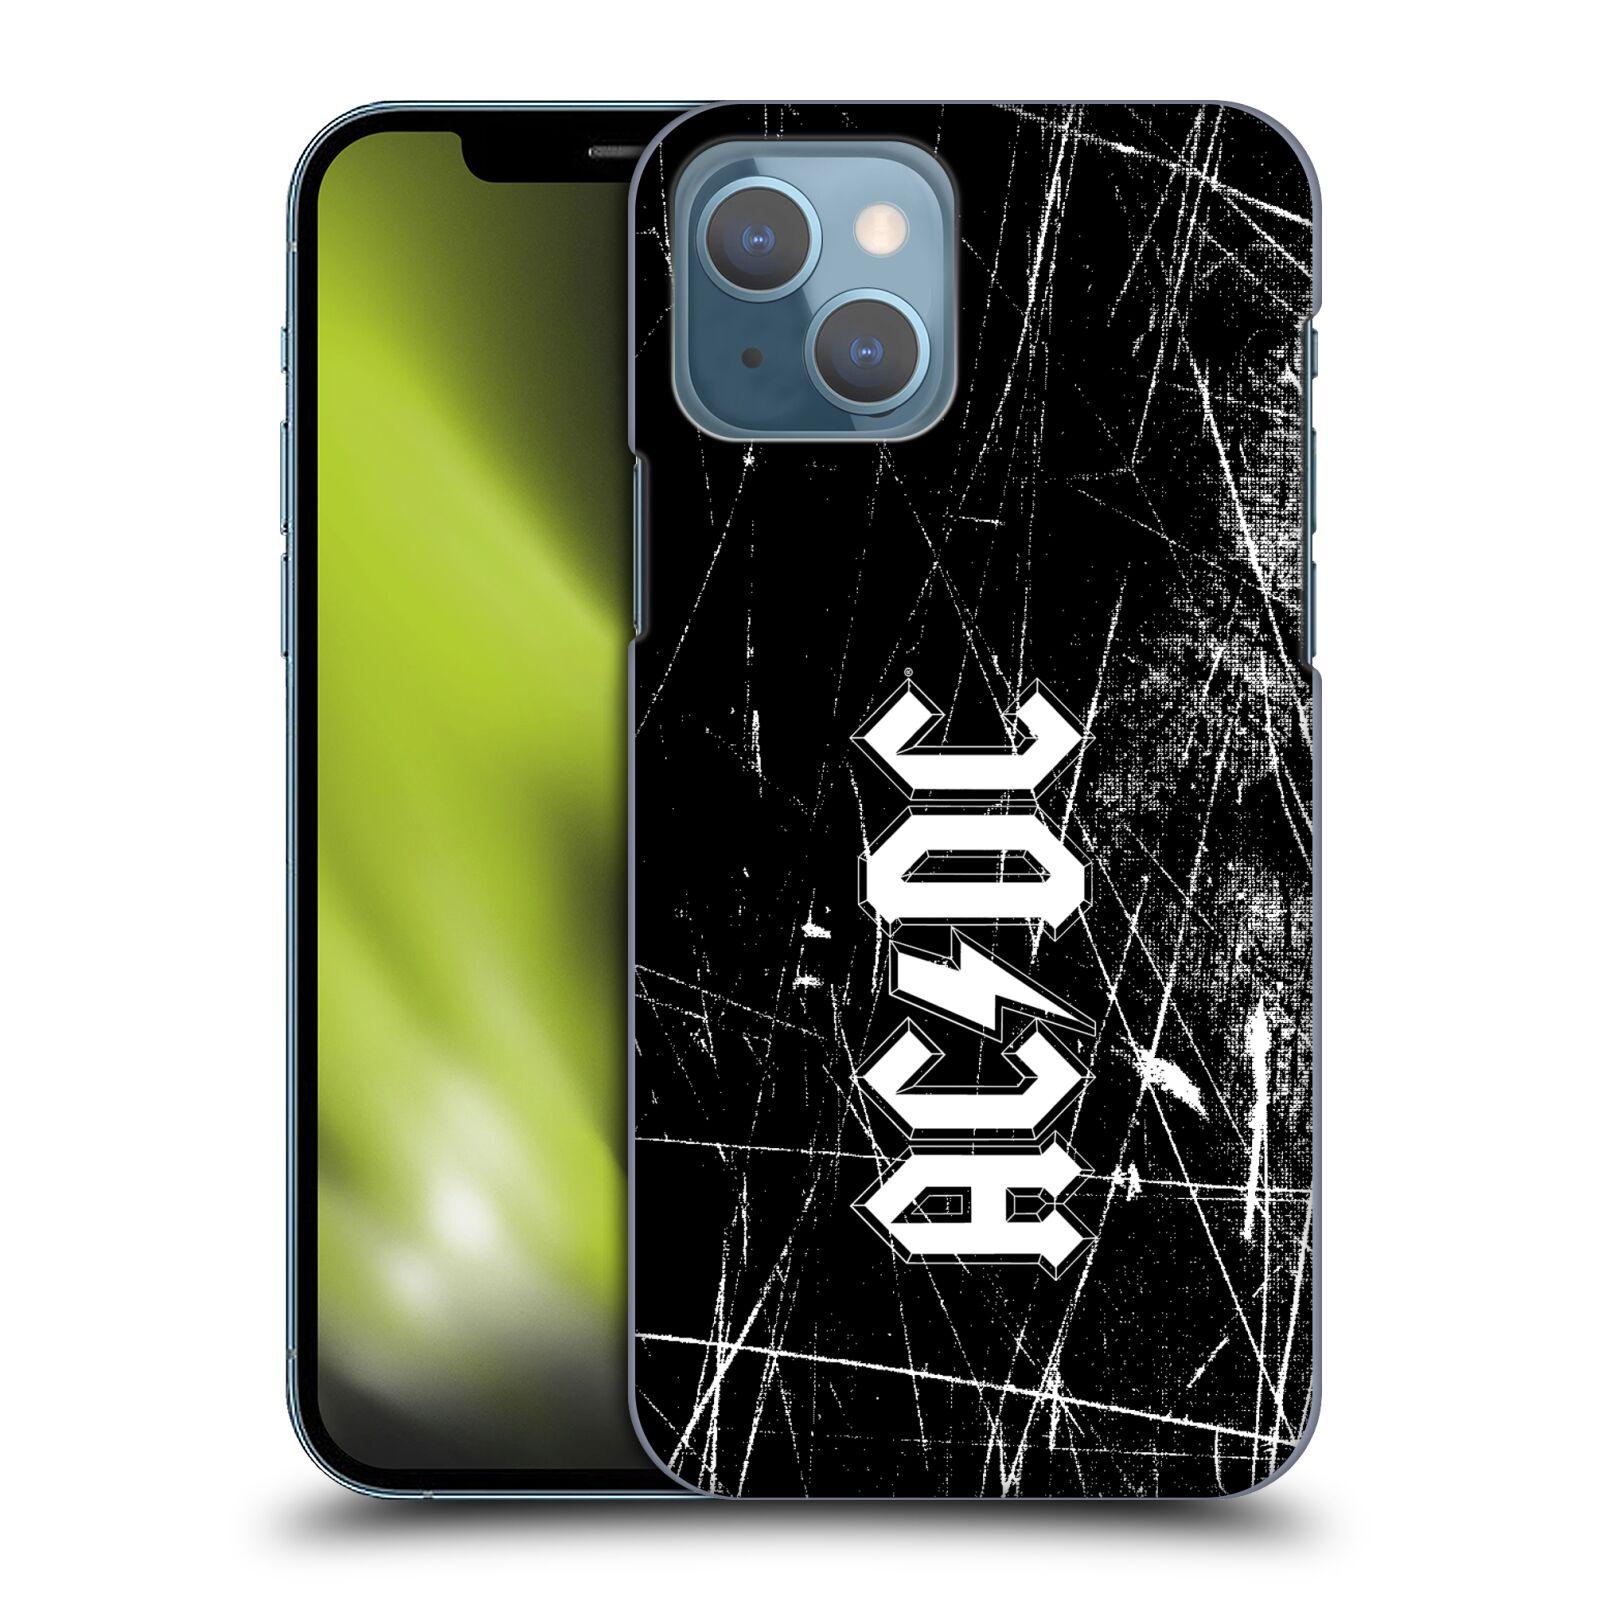 Plastové pouzdro na mobil Apple iPhone 13 - Head Case - AC/DC Černobílé logo